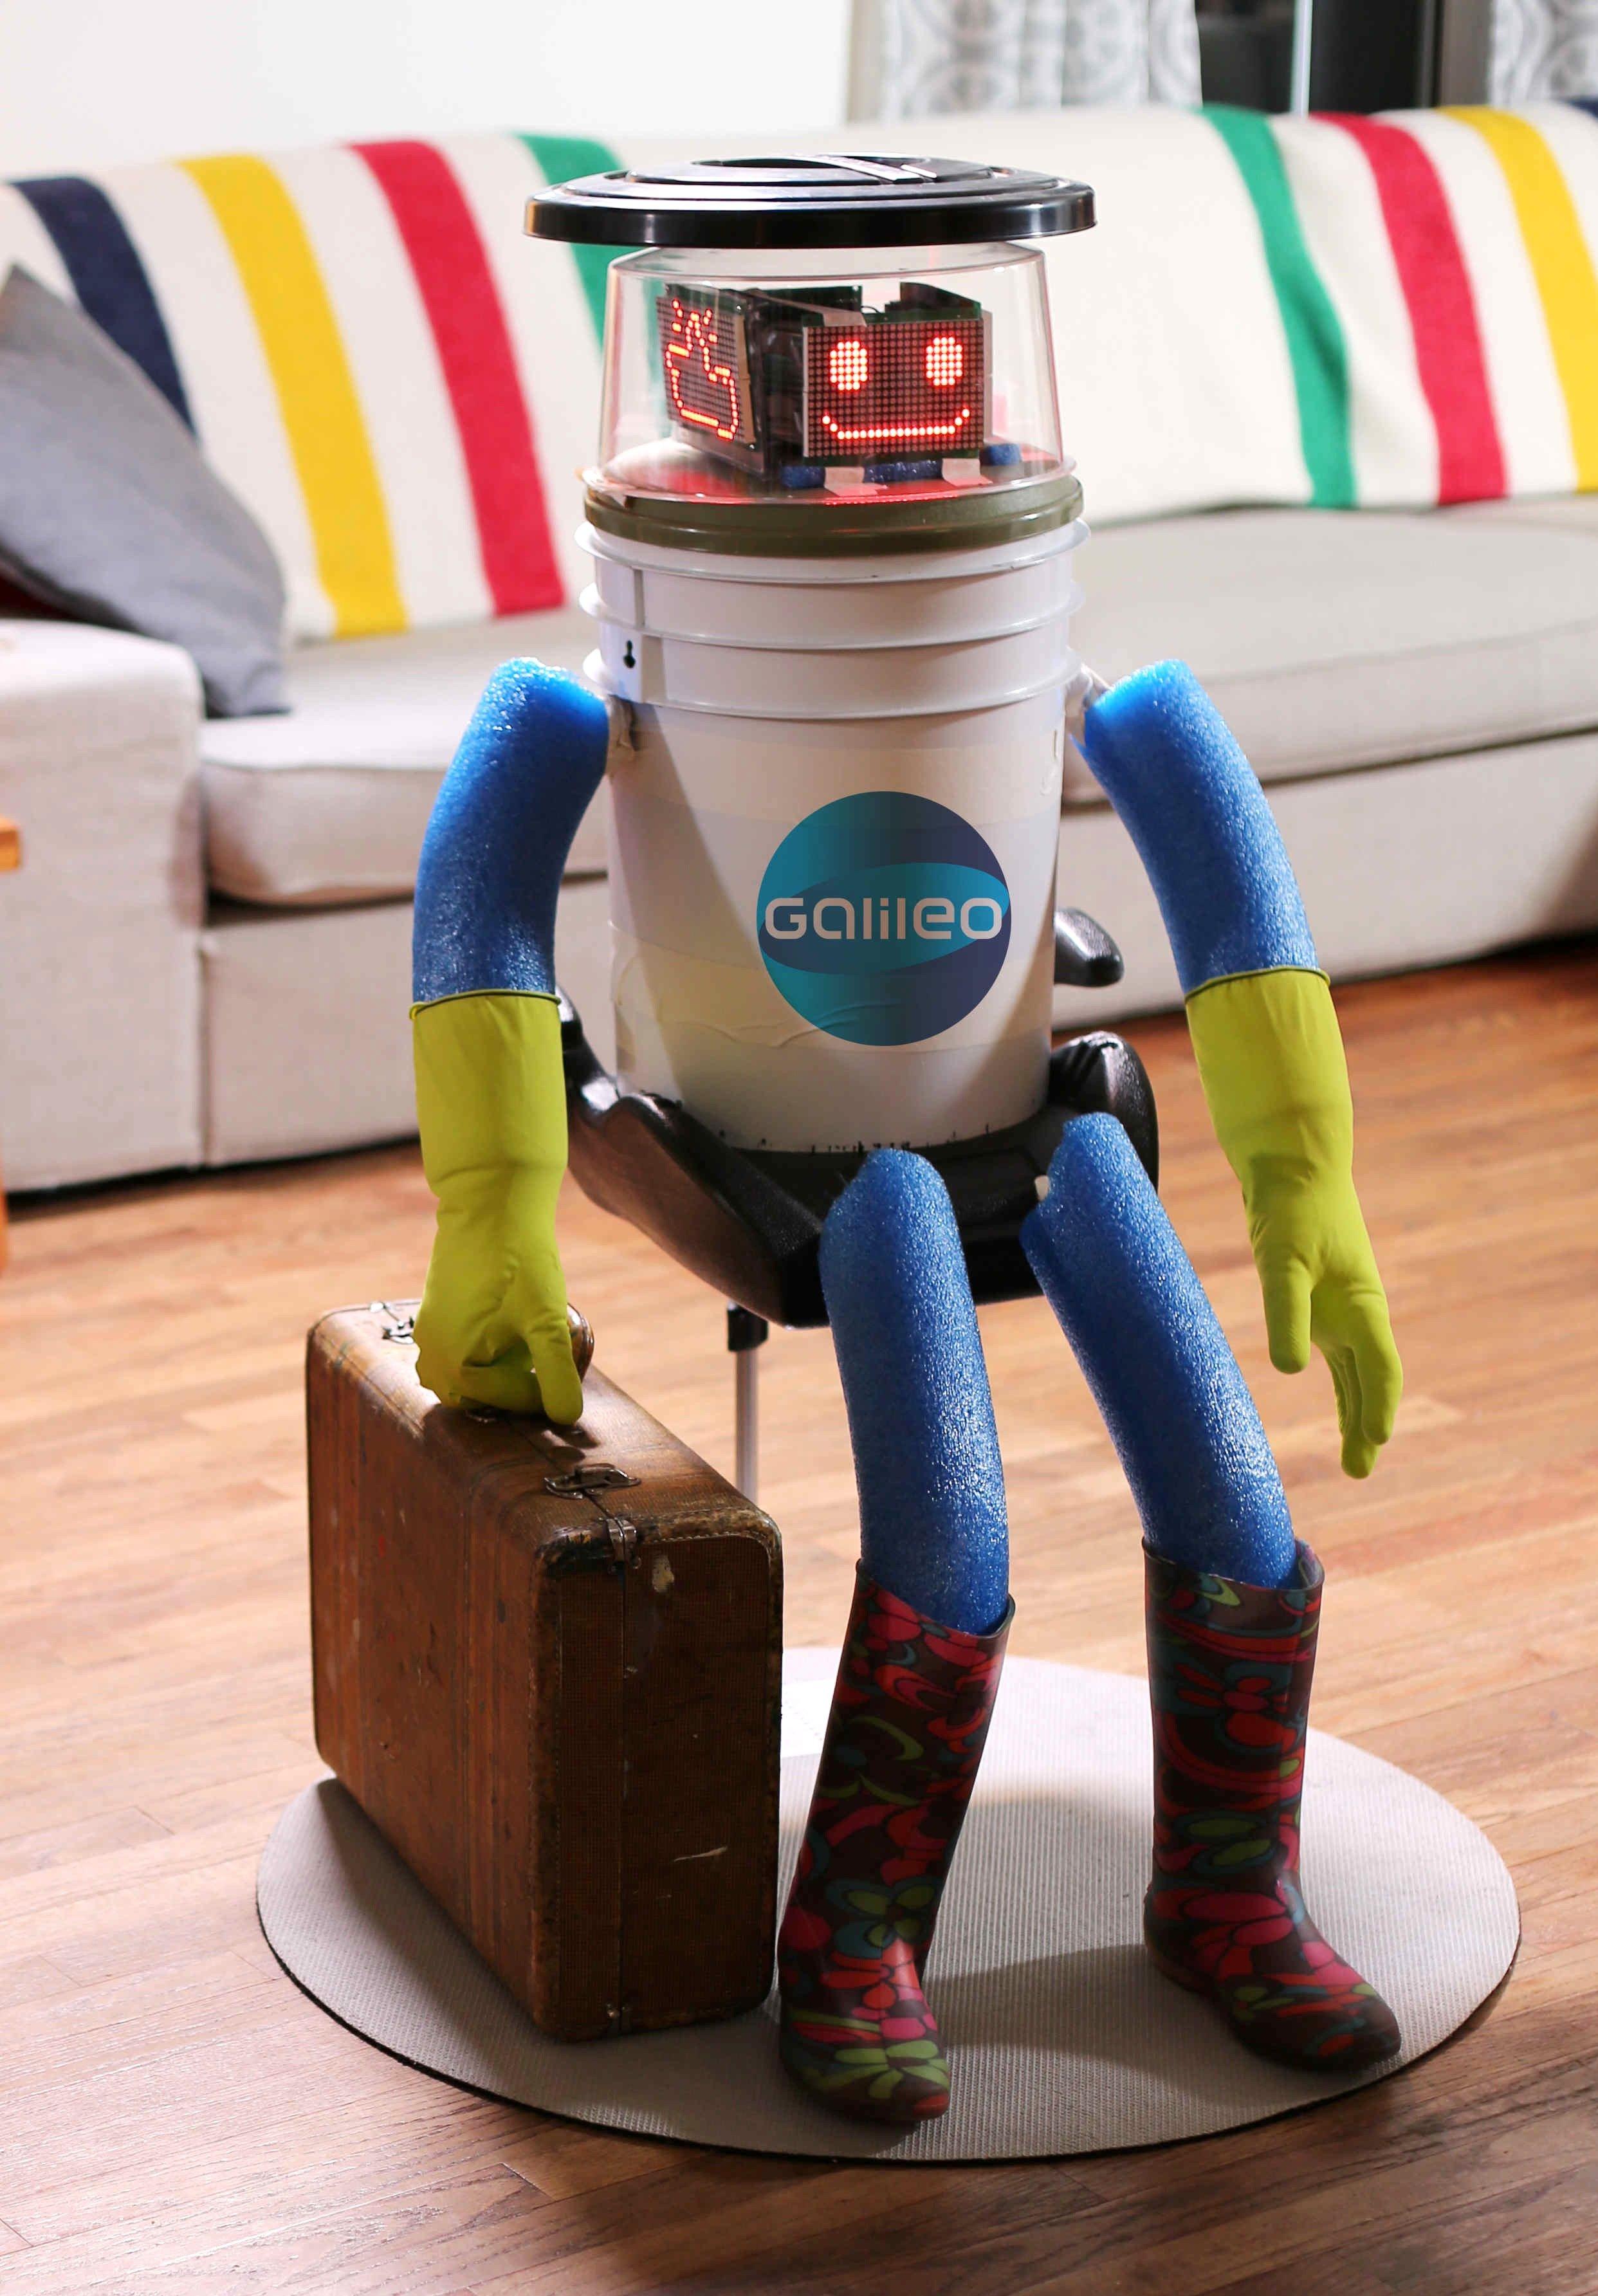 Der Roboter hitchBOT mit gepacktem Koffer: Ob der kleine Kerl darin Strom zum Naschen eingepackt hat?